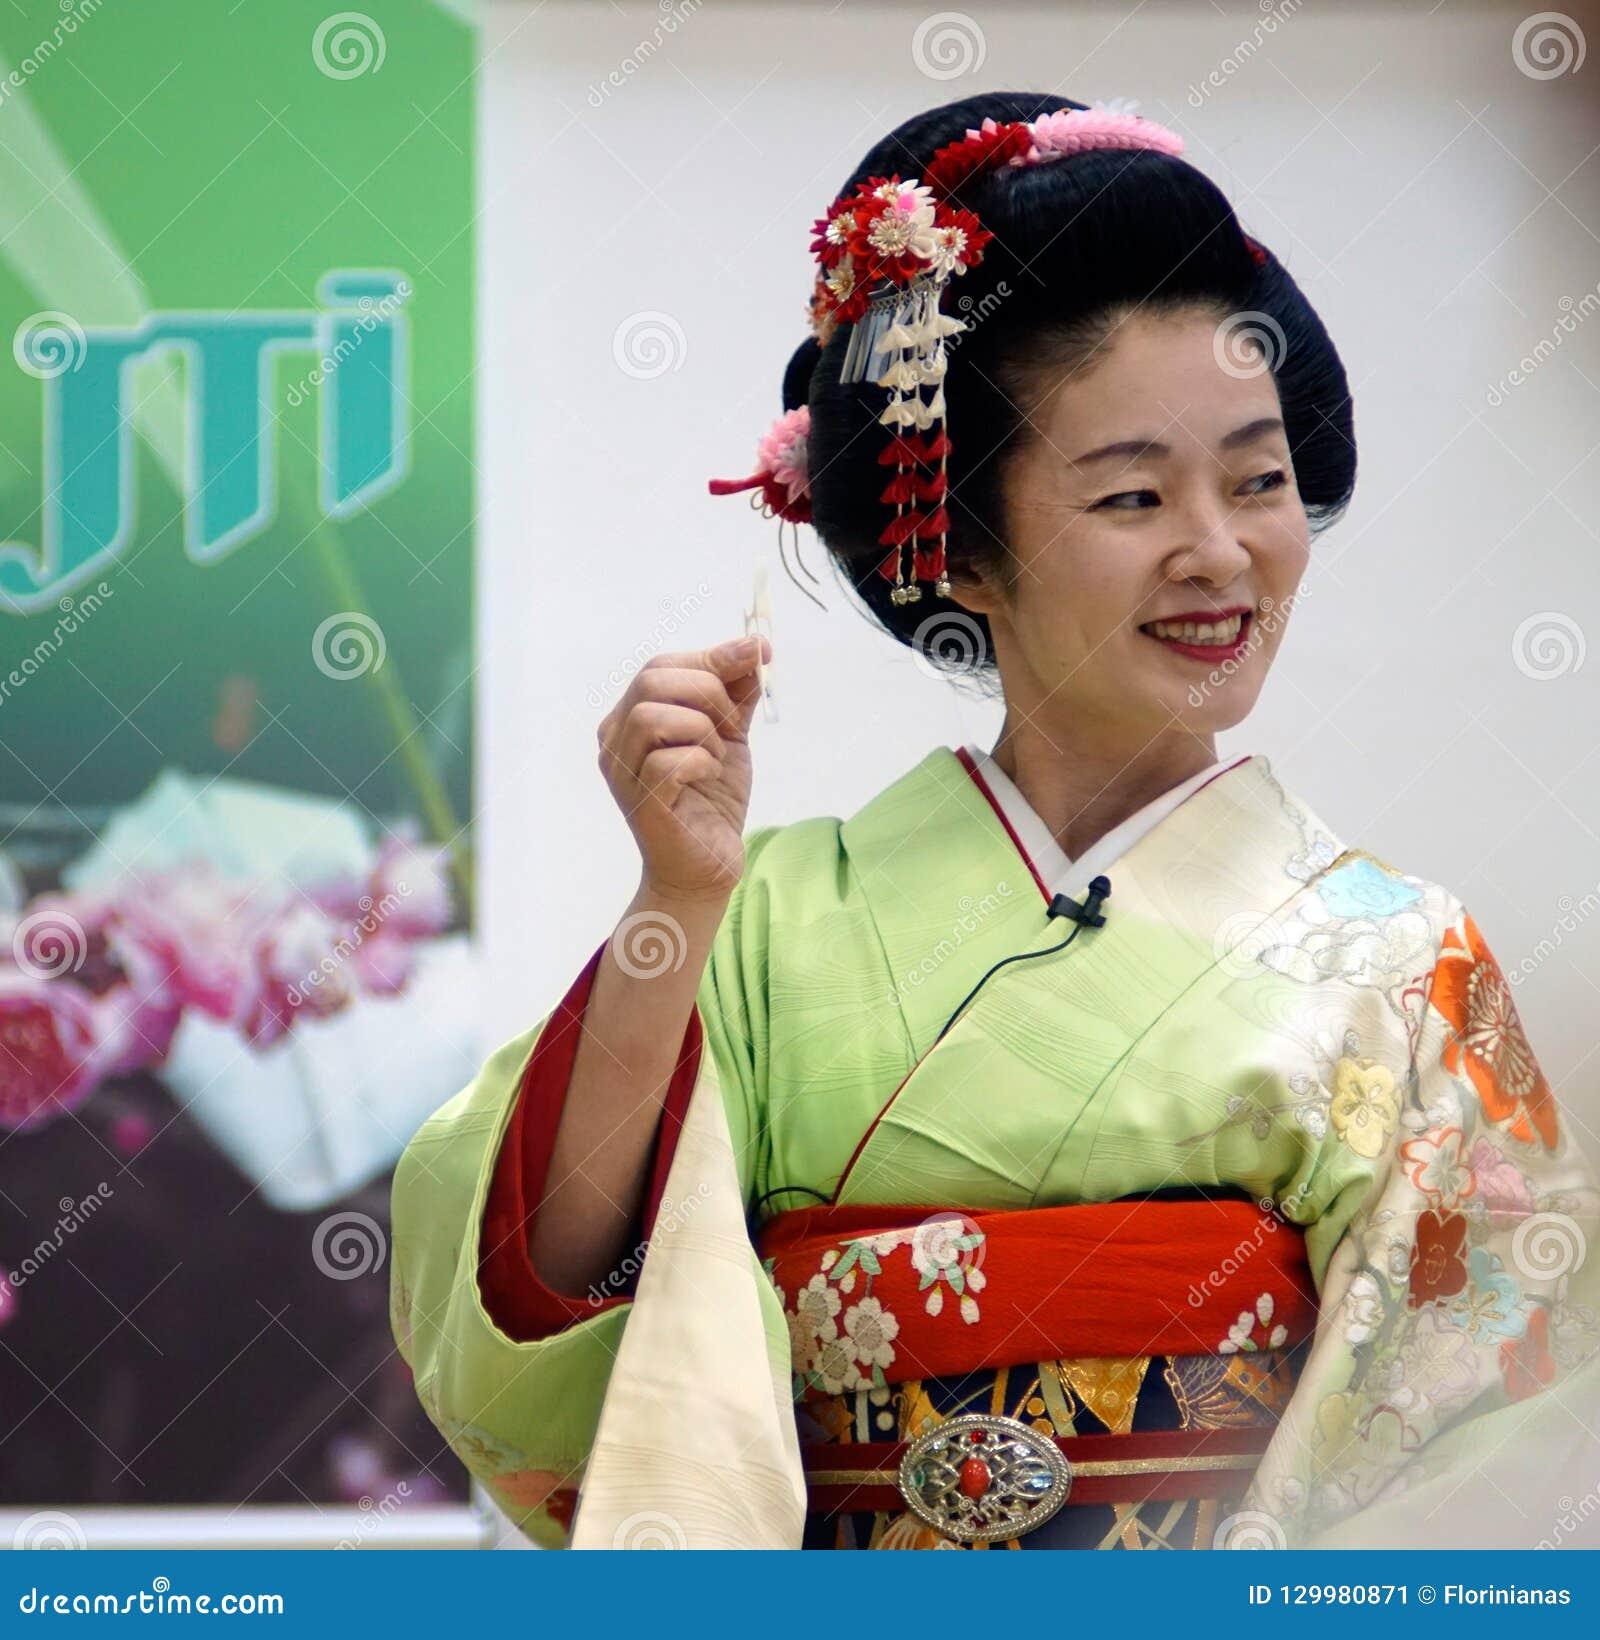 BUCURESTI, ROUMANIE 18 05 Geisha 2018 Umekichi aux jours japonais de culture